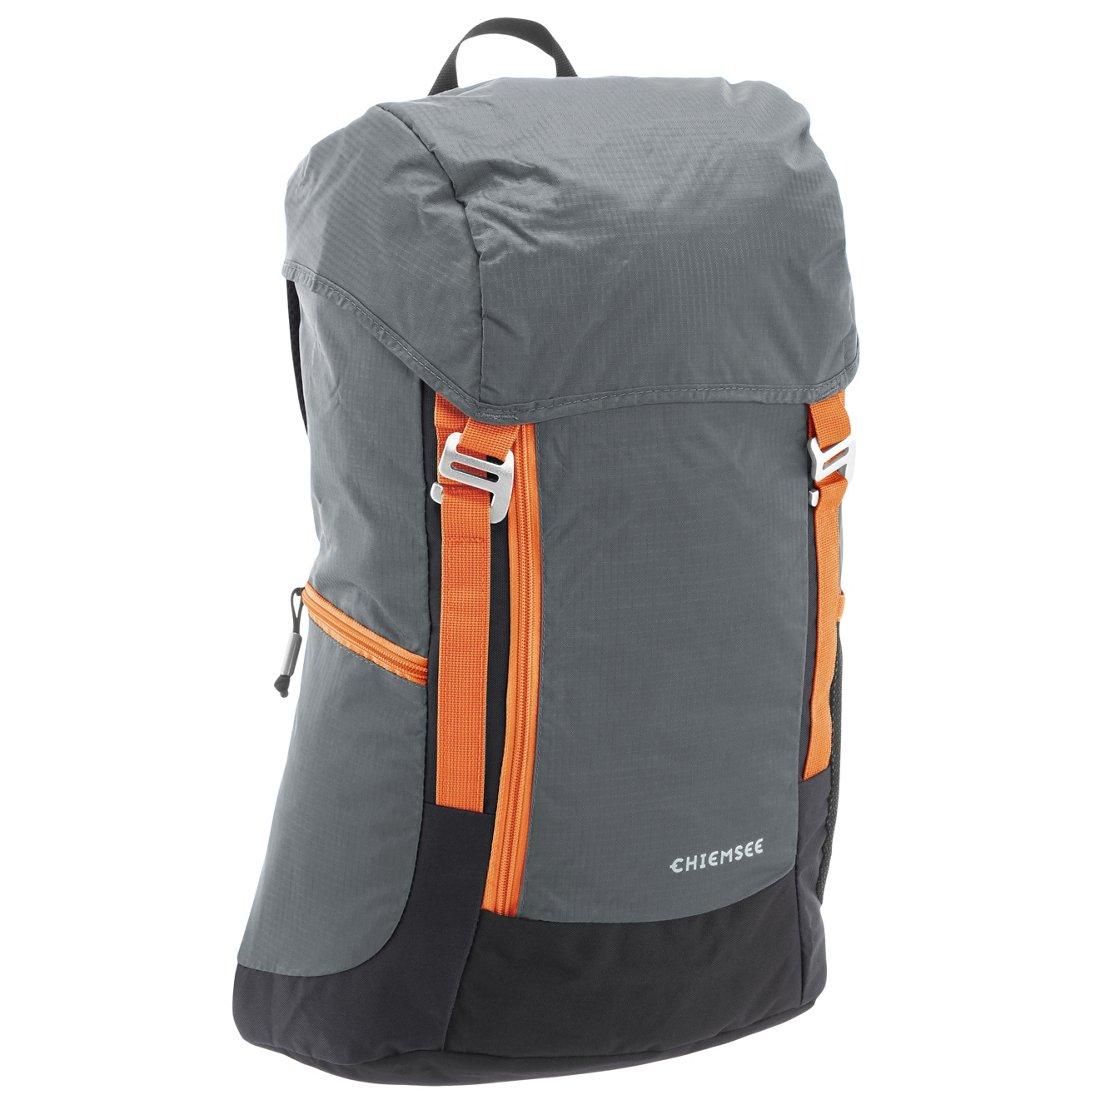 4e57e8a4a93f2 Chiemsee Sports   Travel Bags Trekking Rucksack 52 cm - koffer-direkt.de